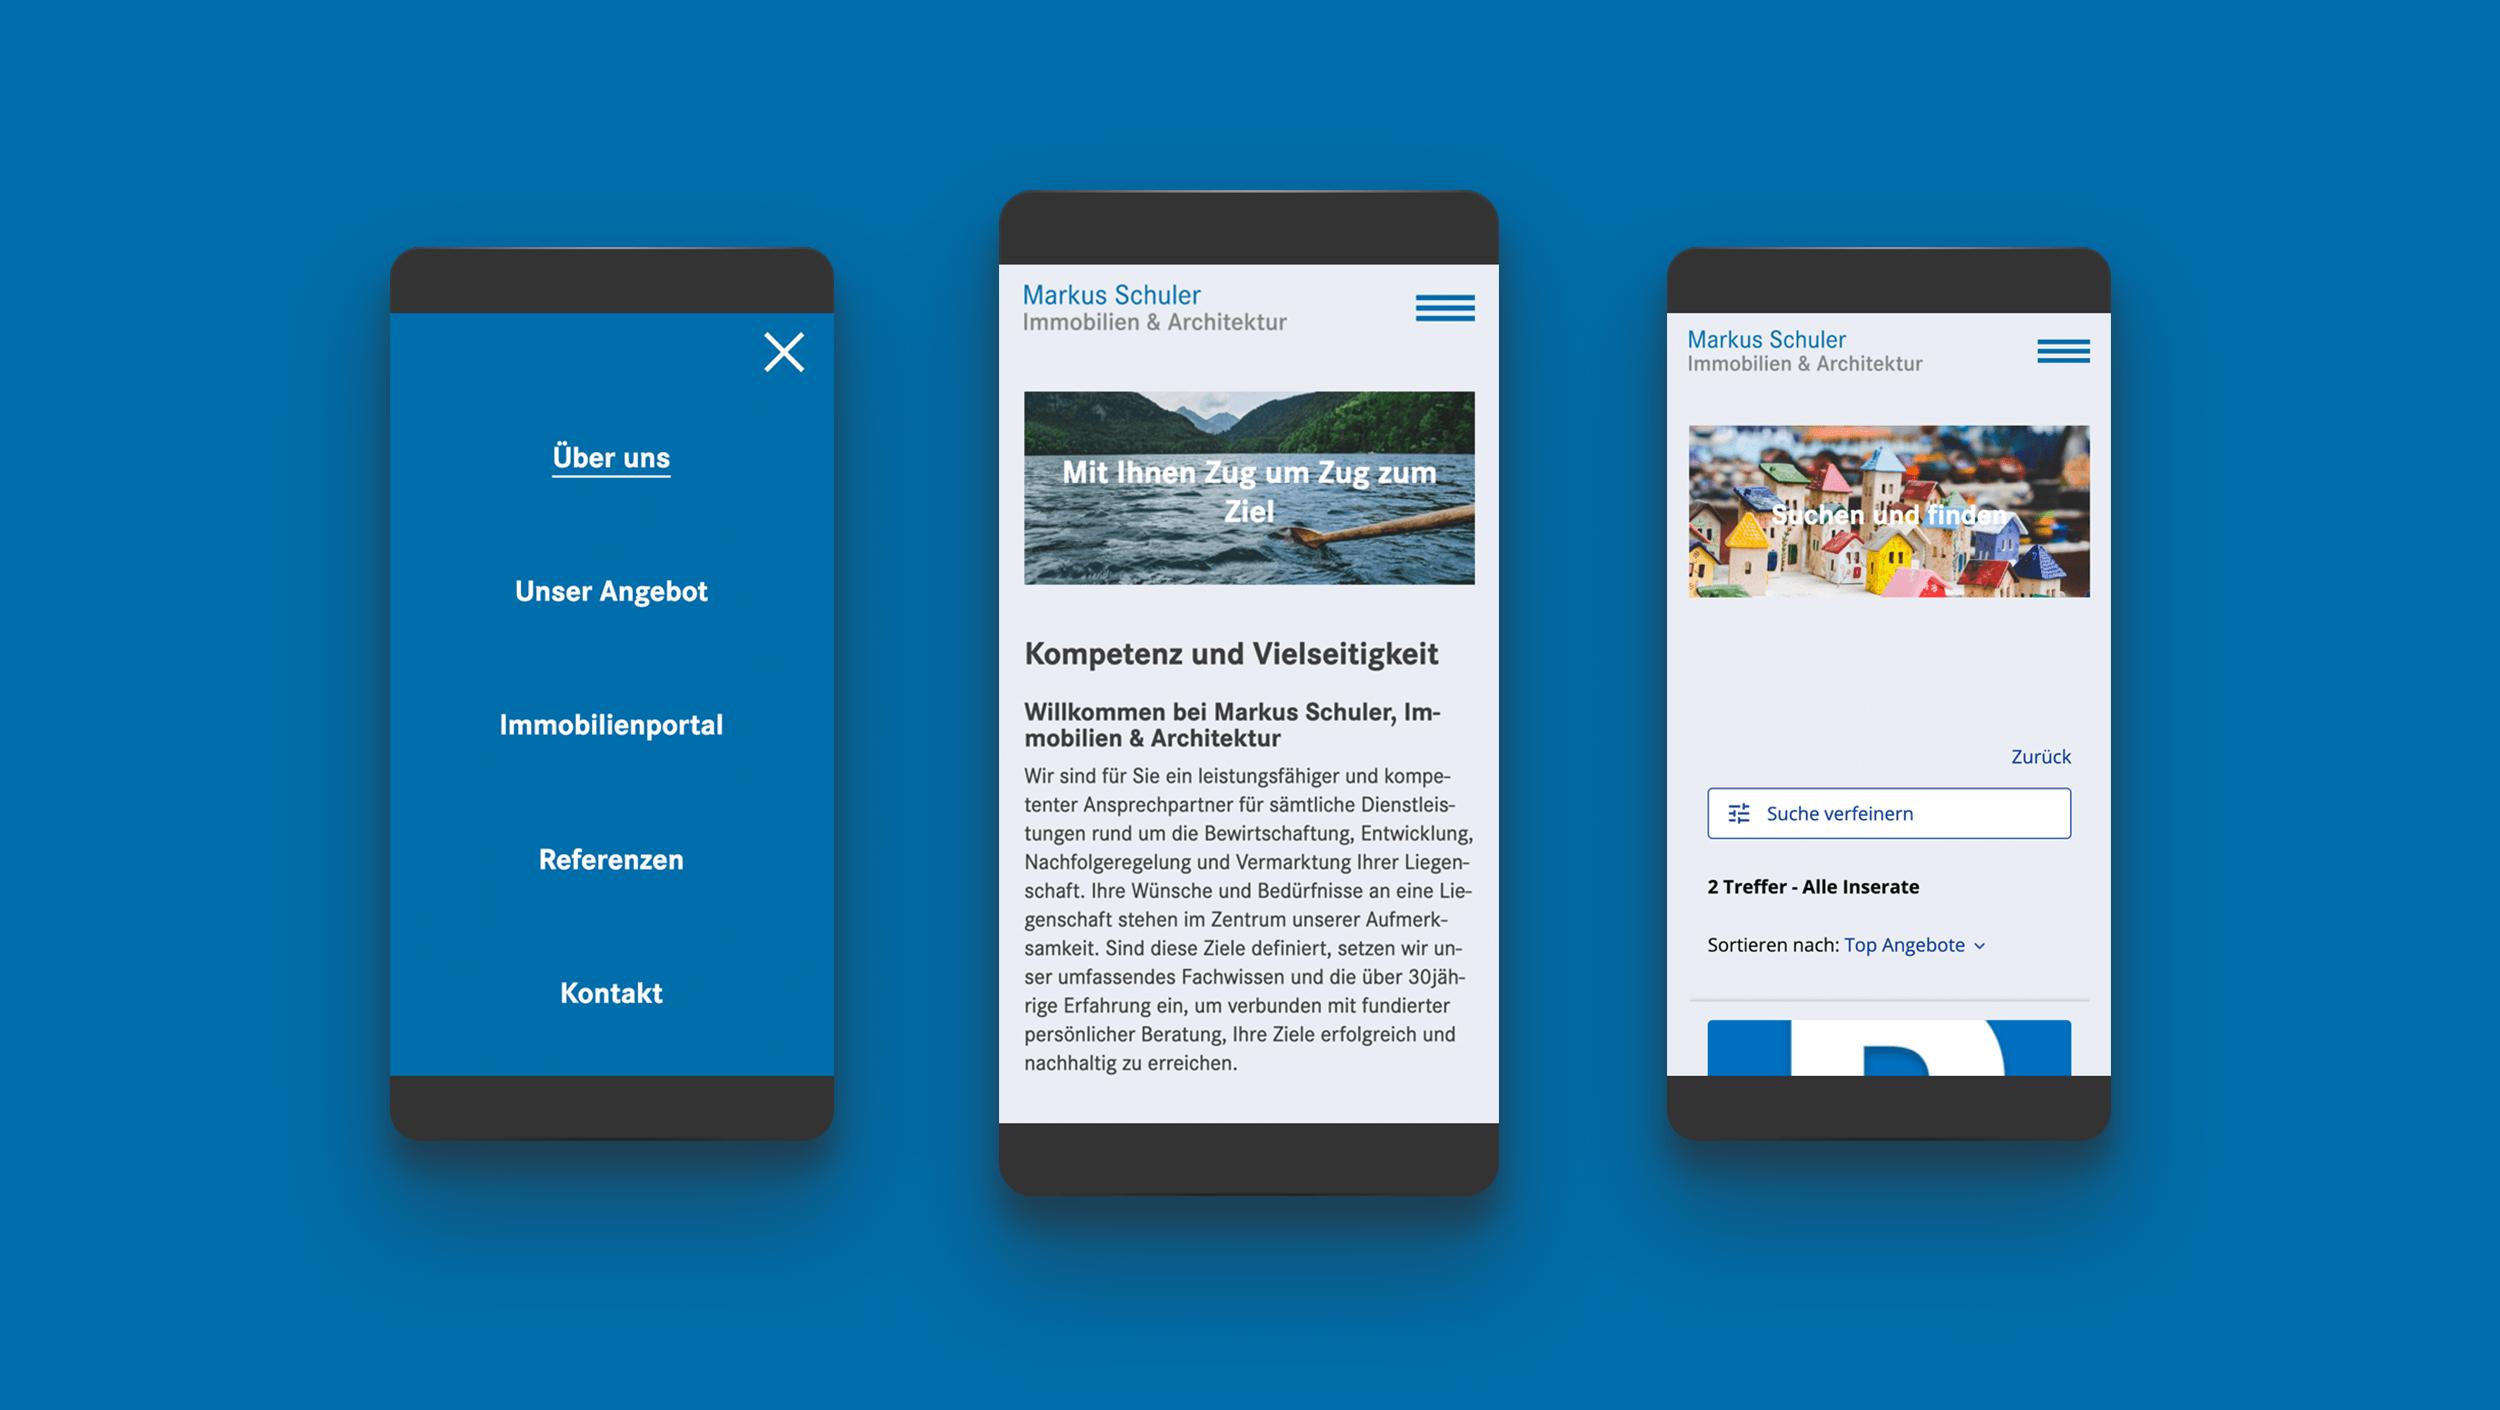 markus schuler immobilien architektur website